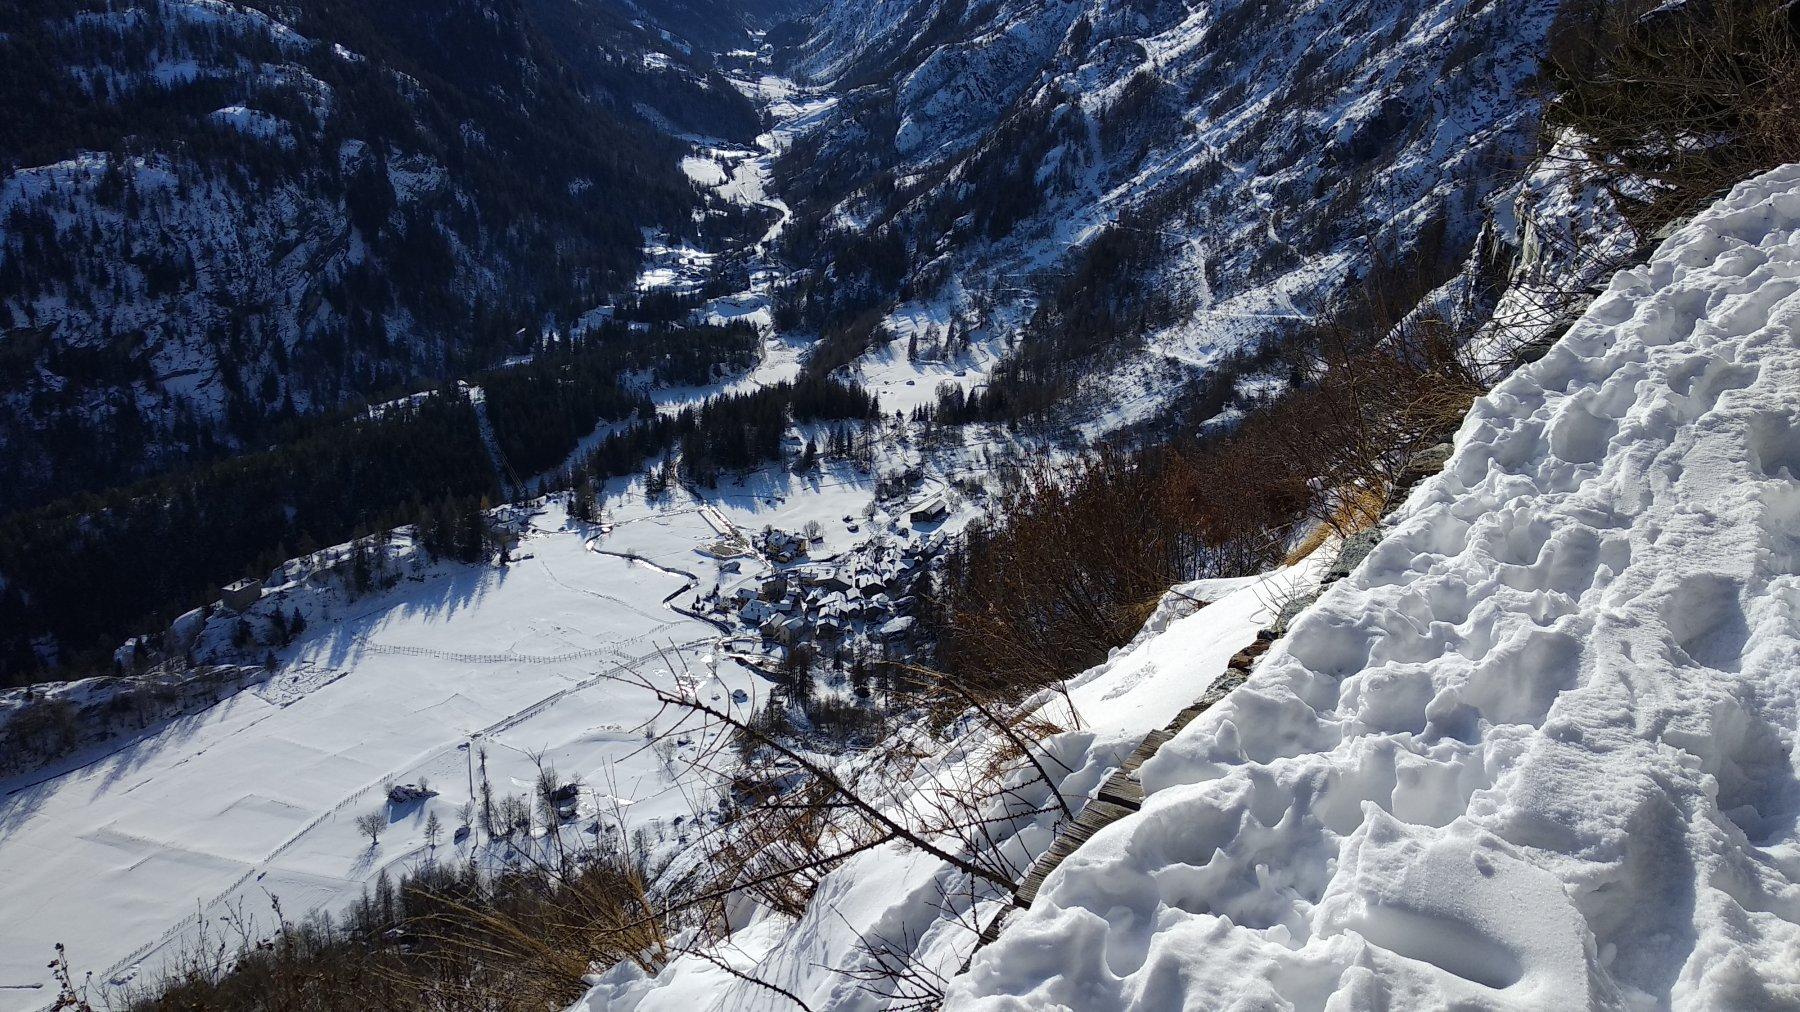 Planaval, visto dal sentiero esposto che supera le balze rocciose